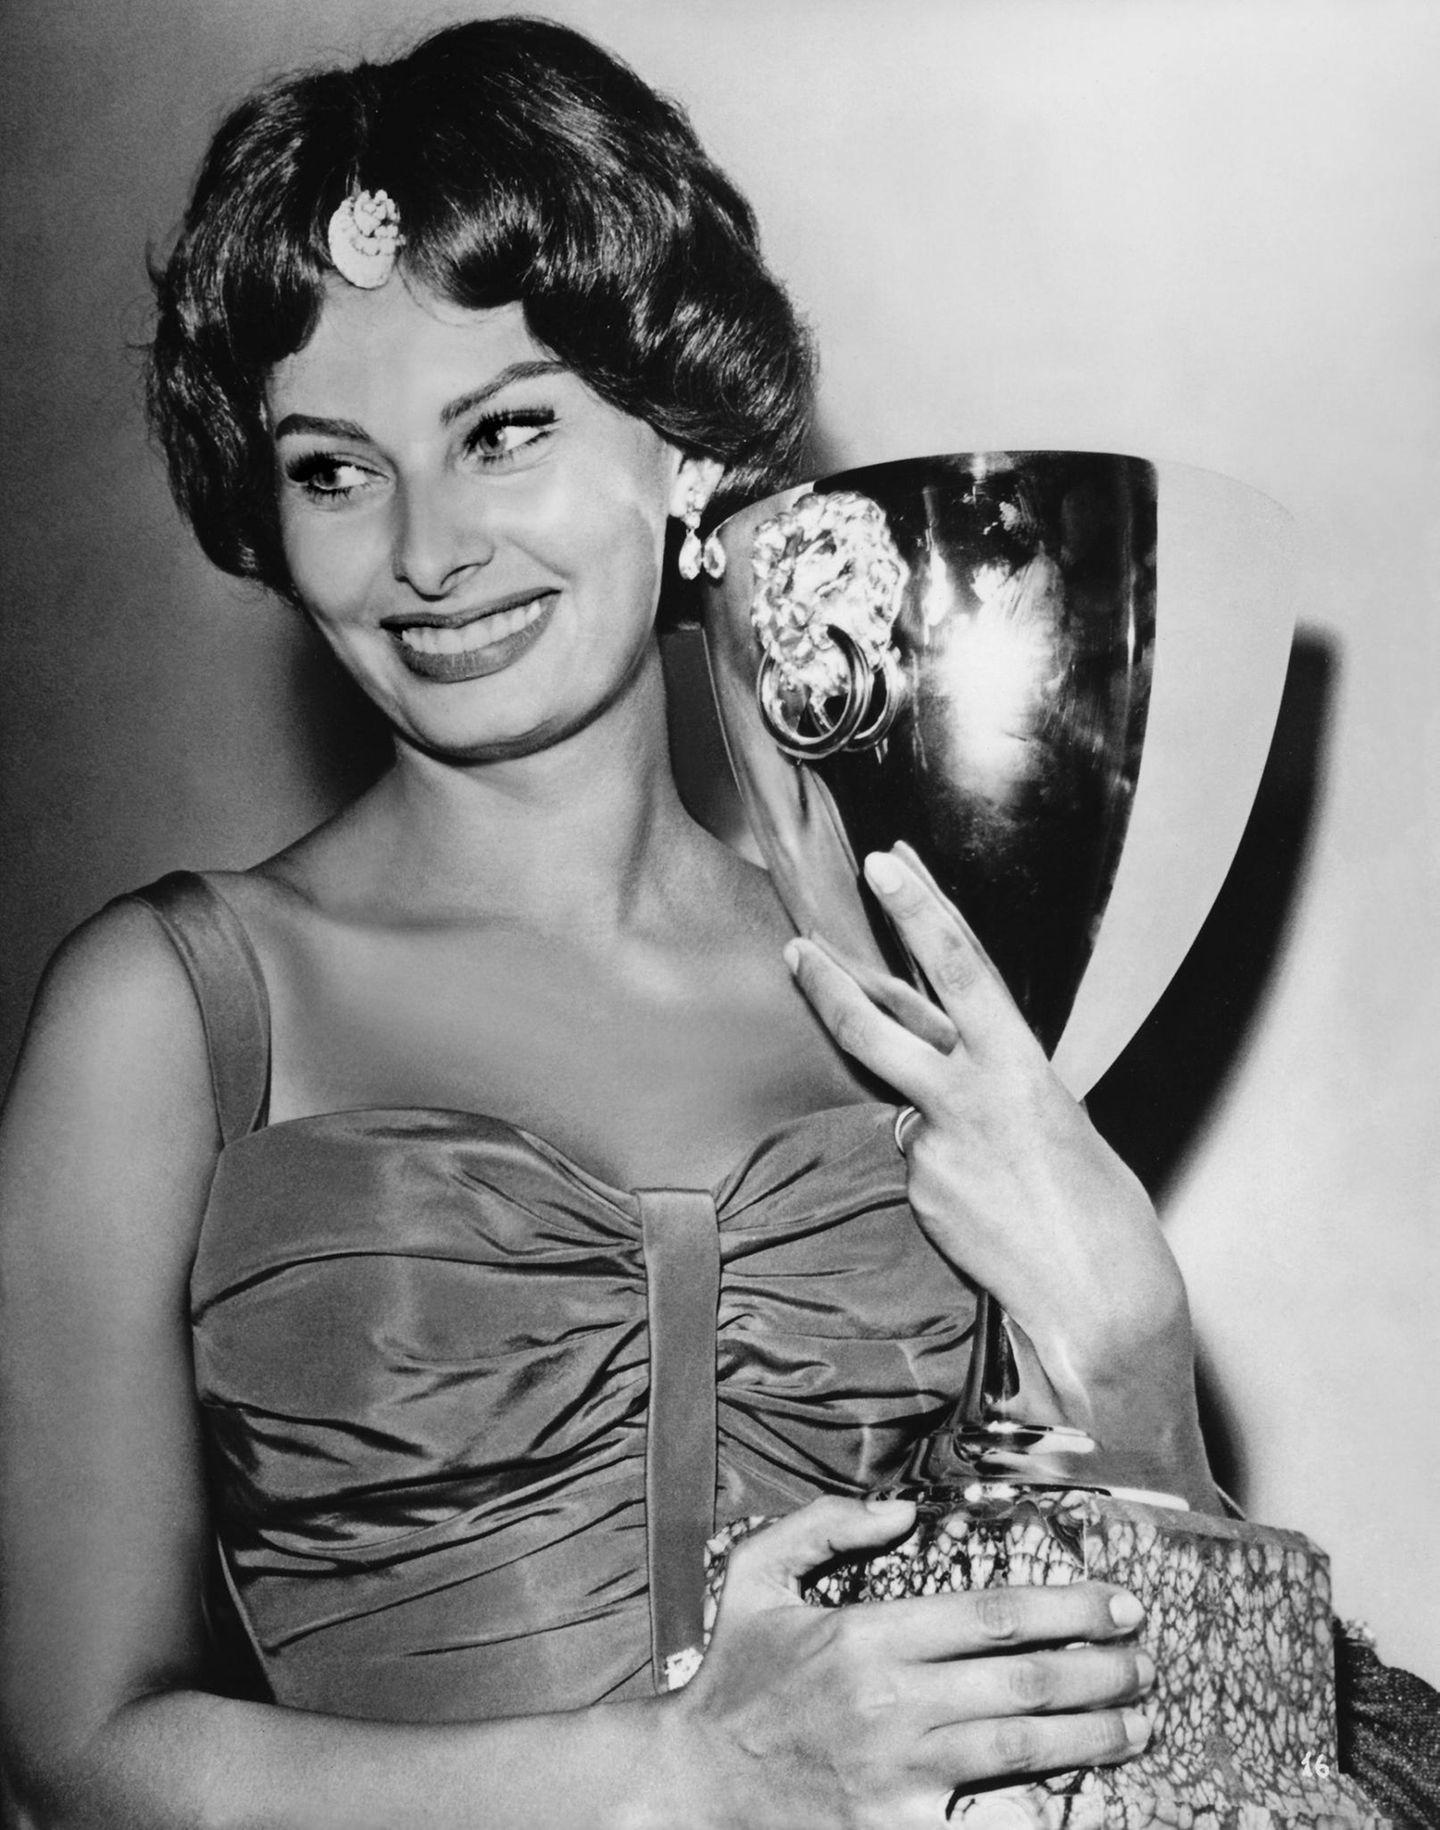 1958  Sophia Loren wird als Beste Schauspielerin und für ihr Lebnswerk geehrt.   Die Venedig Filmfestspiele im Rahmen der Biennale gehören zu den bedeutendsten internationalen Filmfestspielen und werden seit 1932 vergeben.